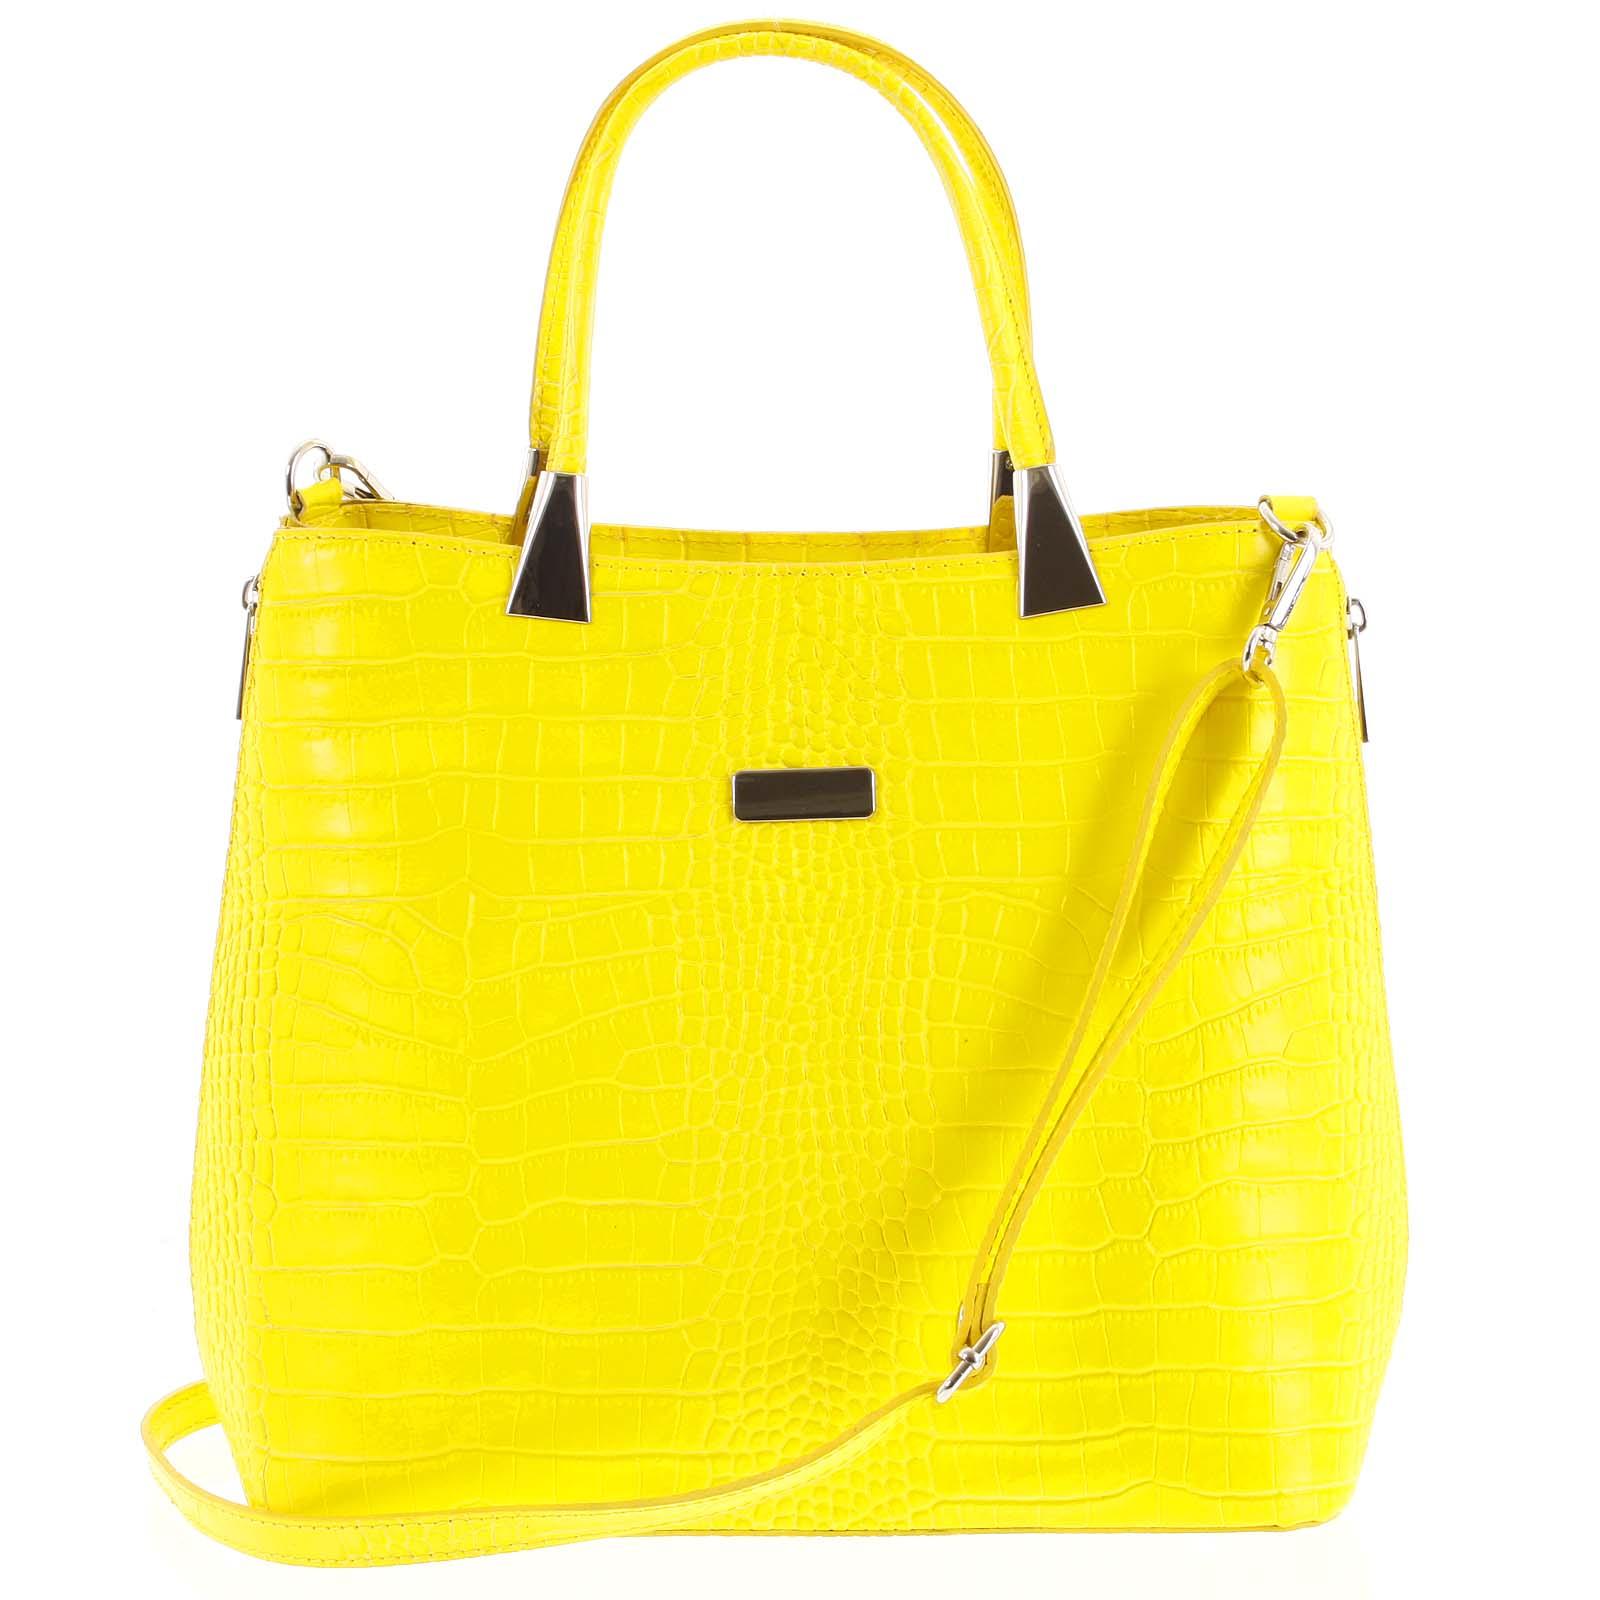 Luxusní dámská kožená kabelka žlutá - ItalY Marion